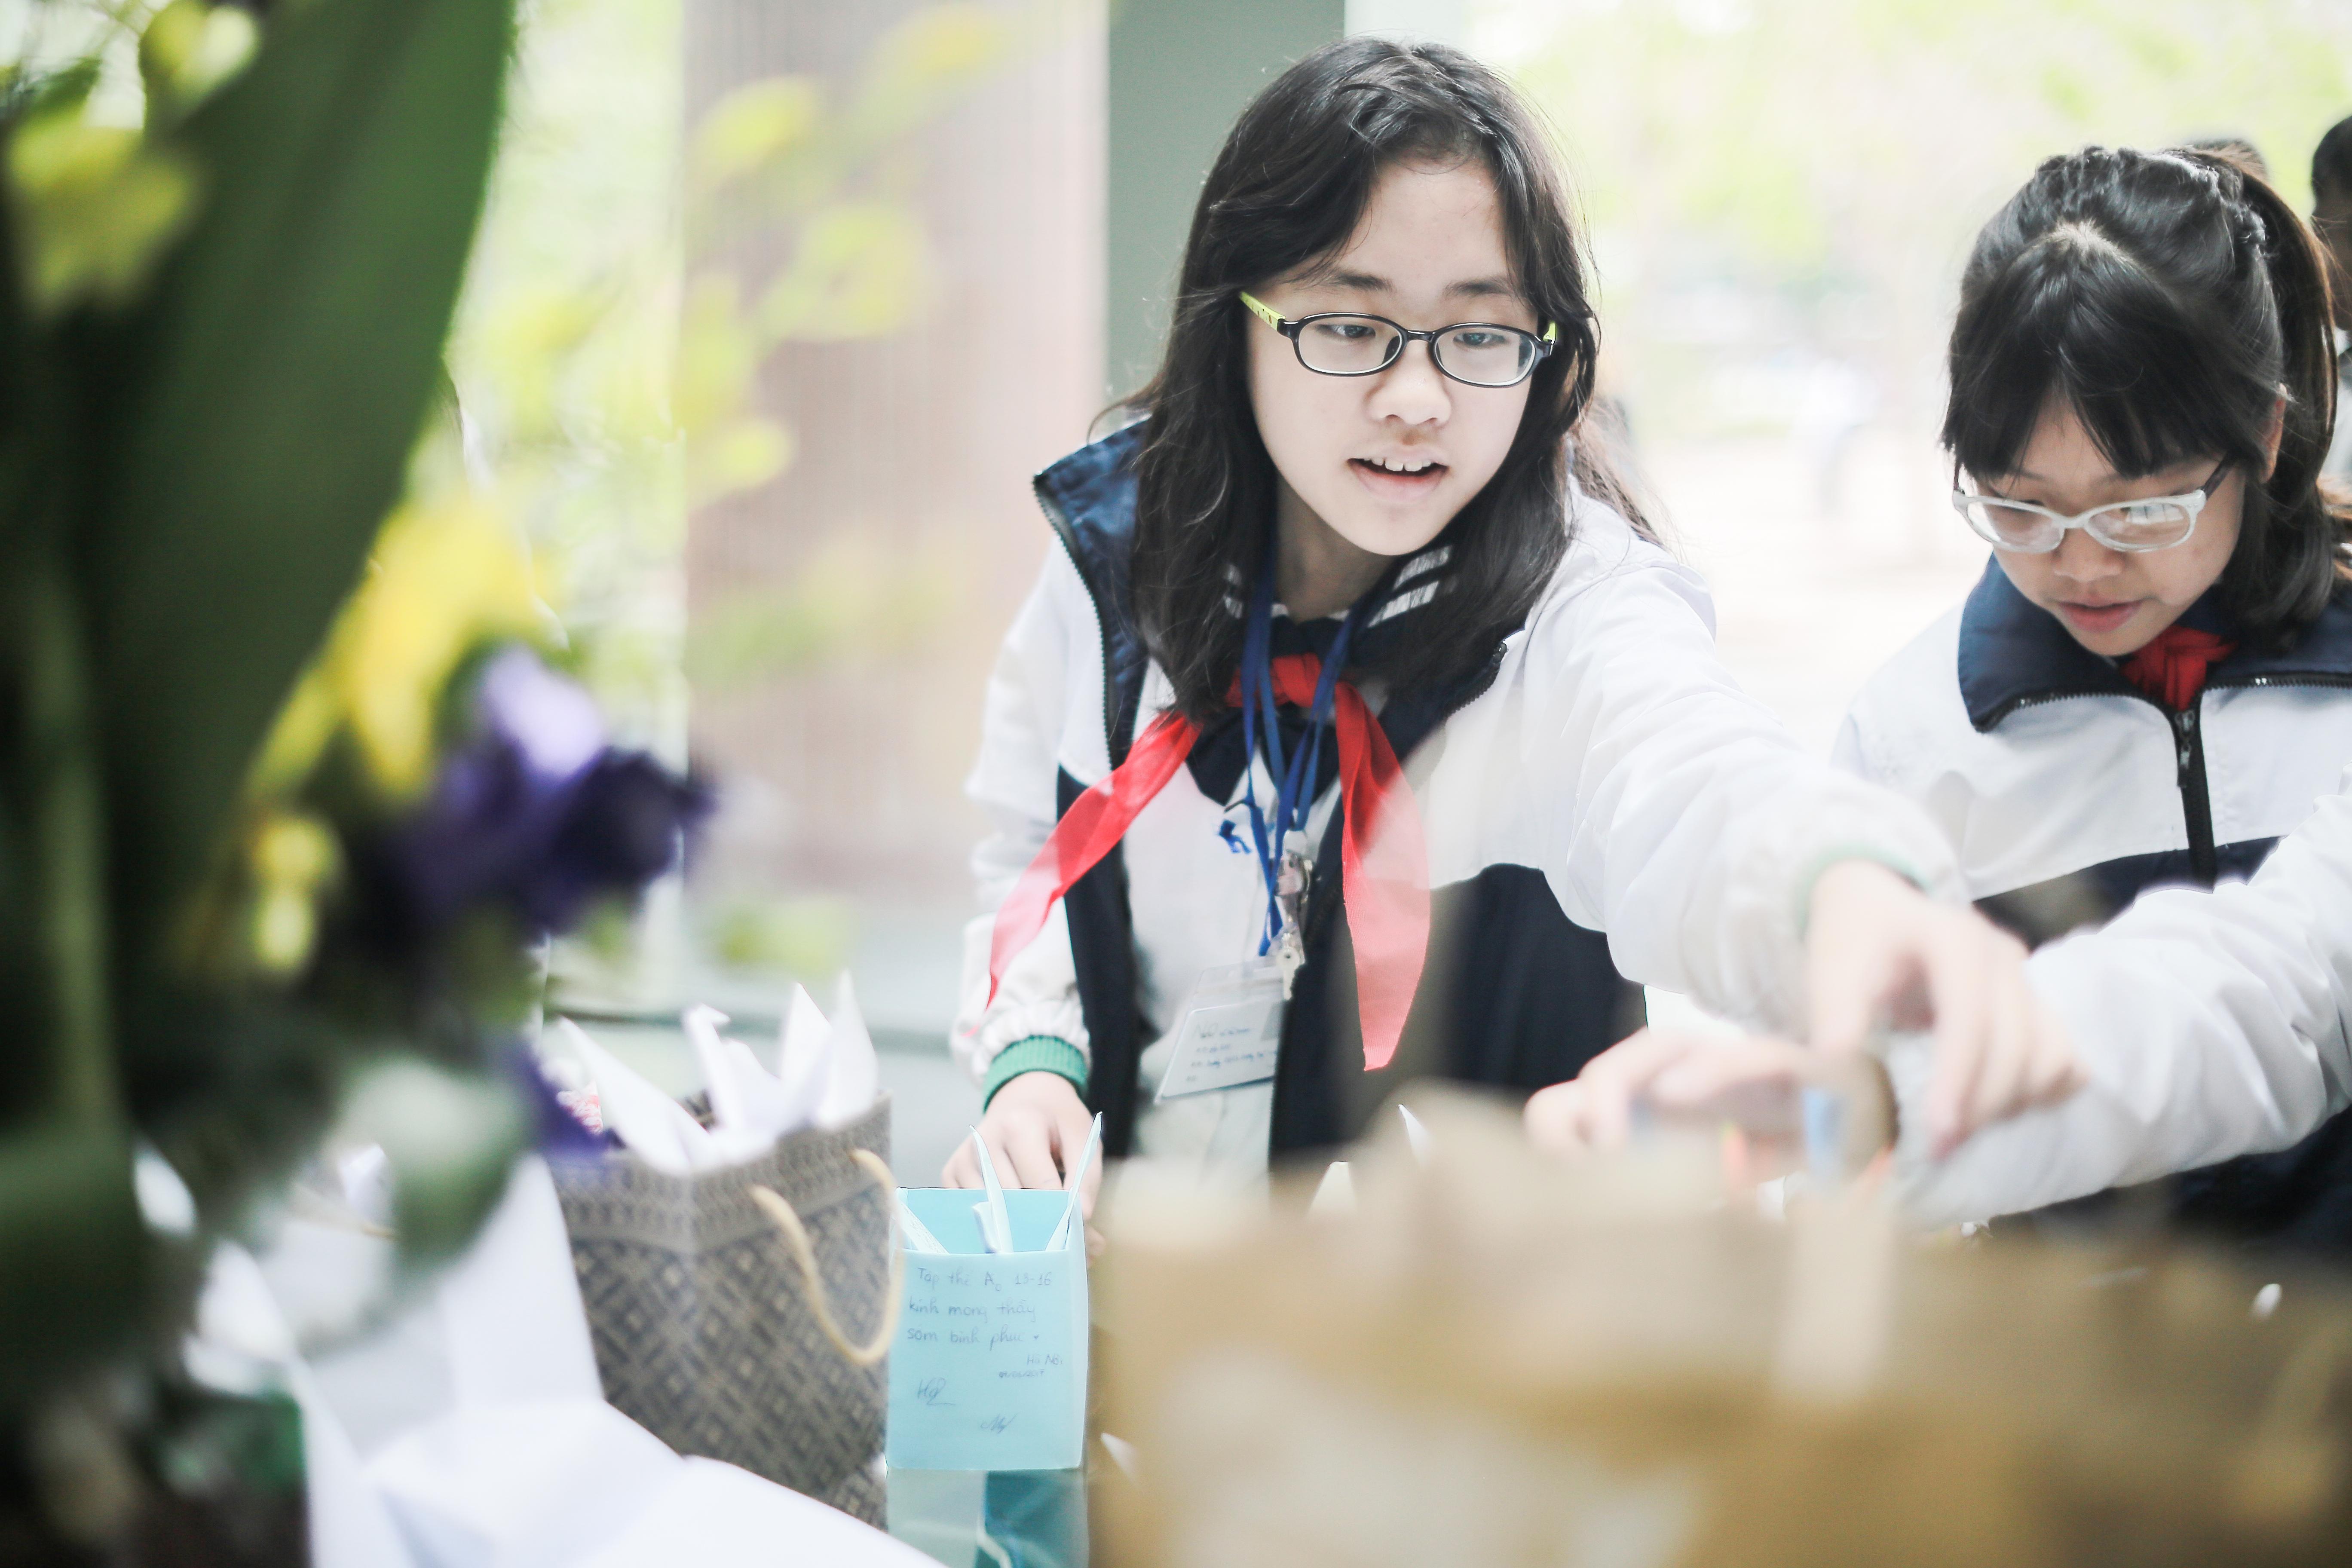 Học sinh Lương Thế Vinh gửi điều ước vào 19.000 hạc giấy, mong thầy Văn Như Cương sớm phục hồi - Ảnh 11.